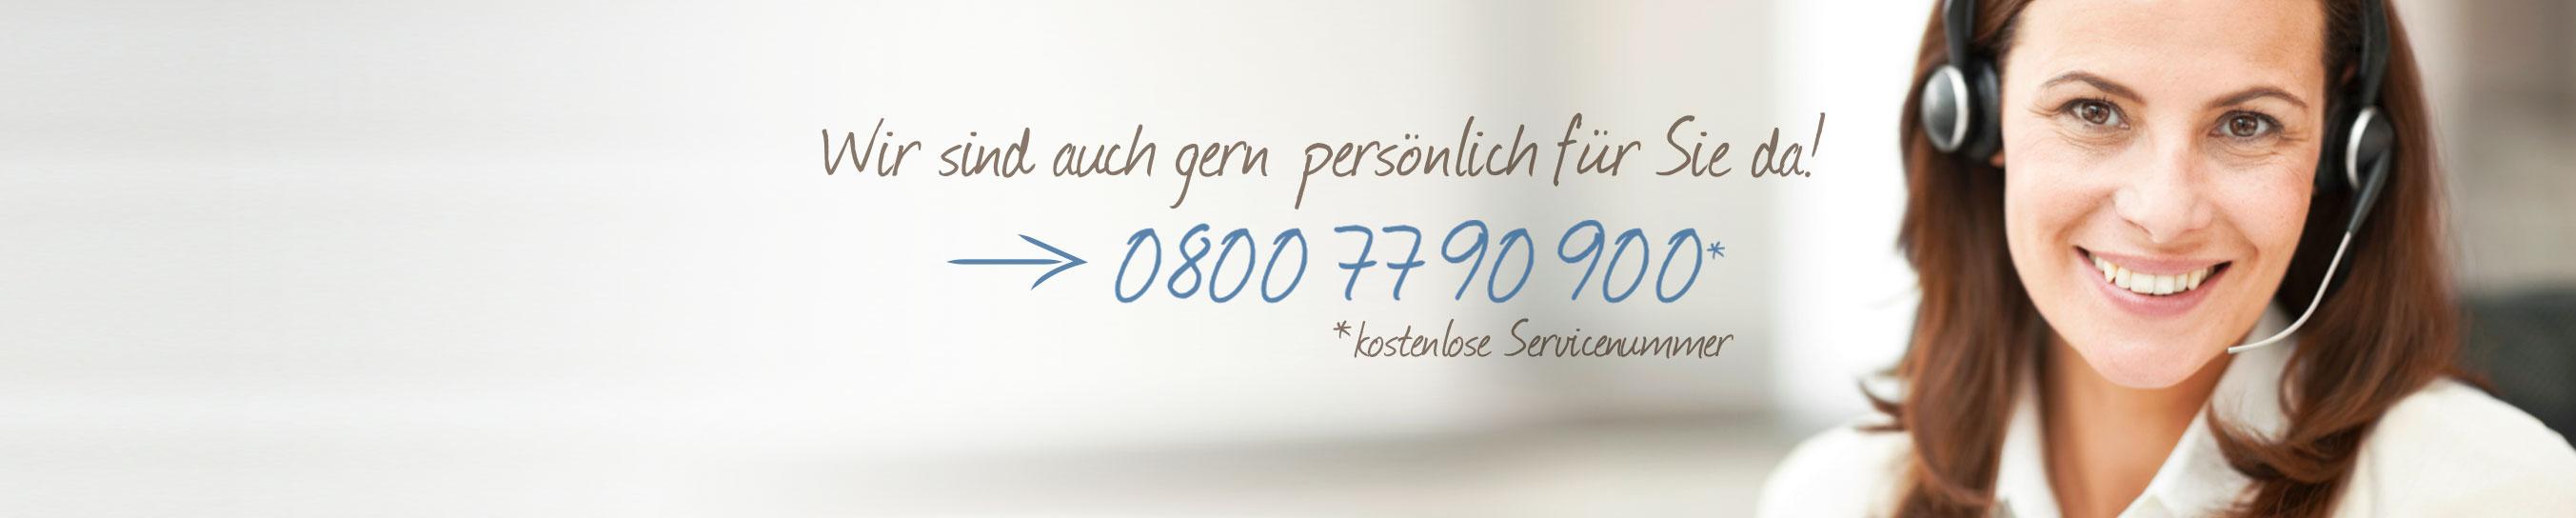 kostenlose Servicenummer